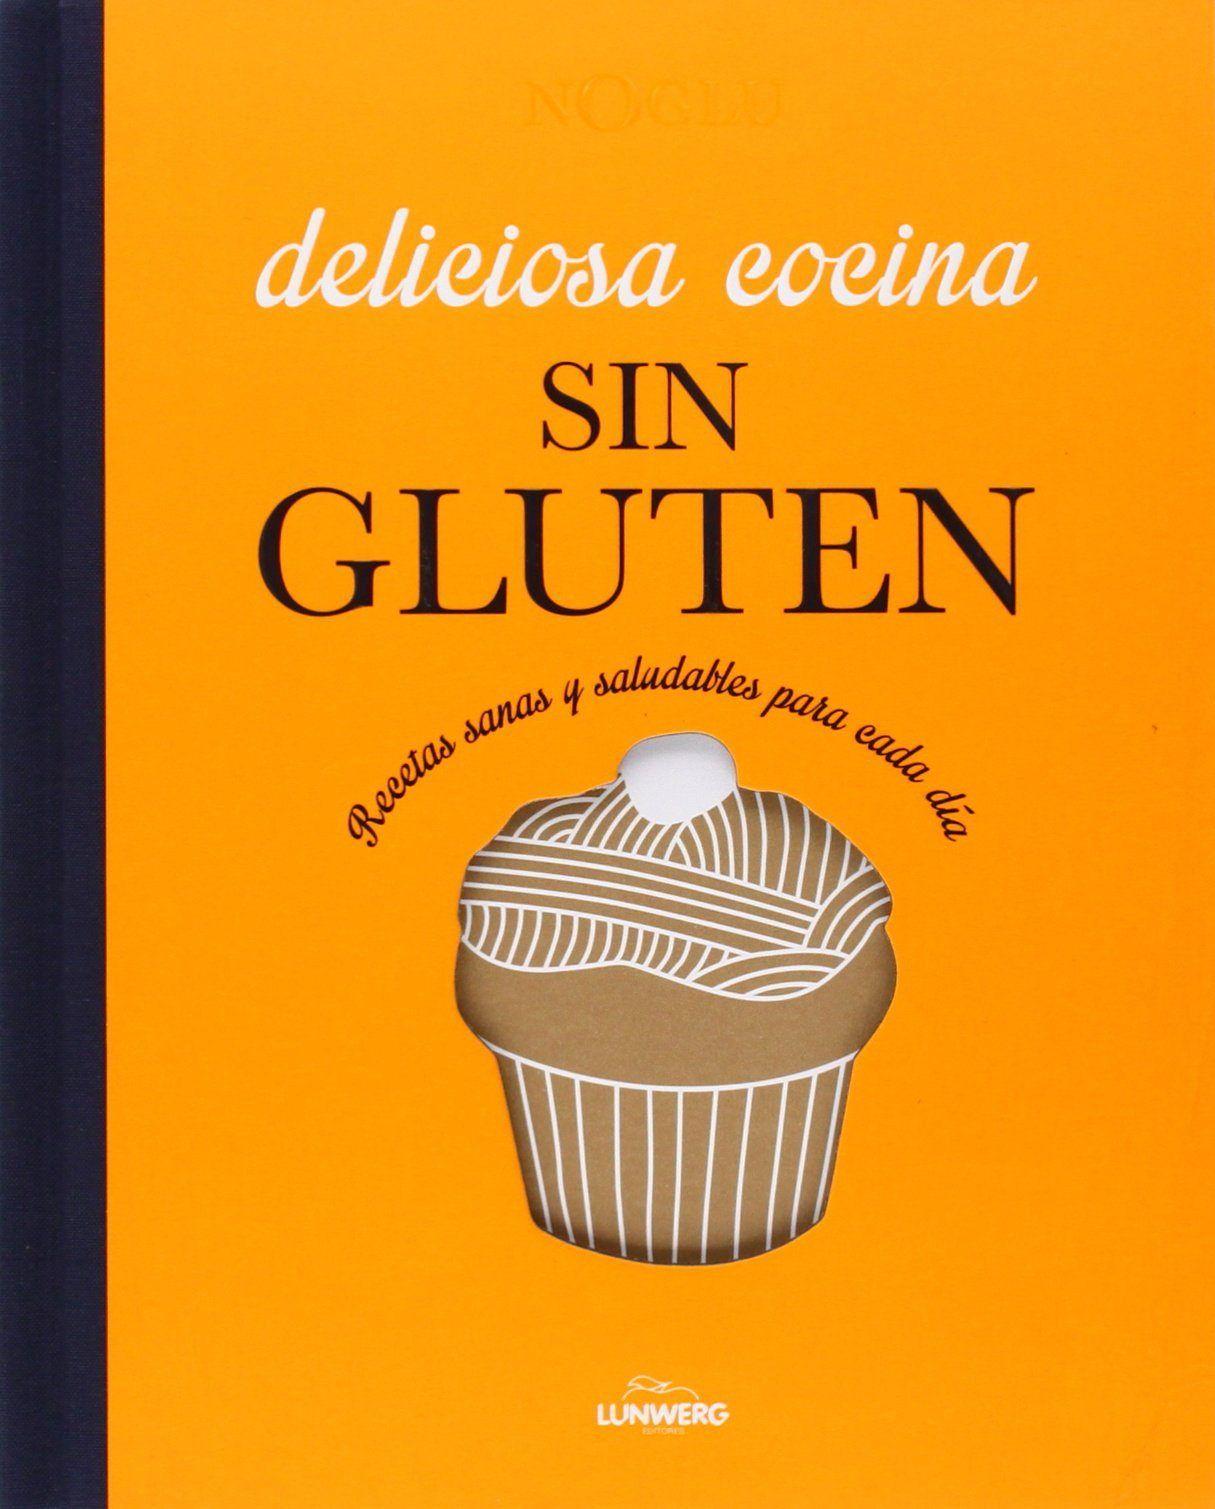 Libro Deliciosa cocina sin gluten. Recetas sana y saludables cada día.